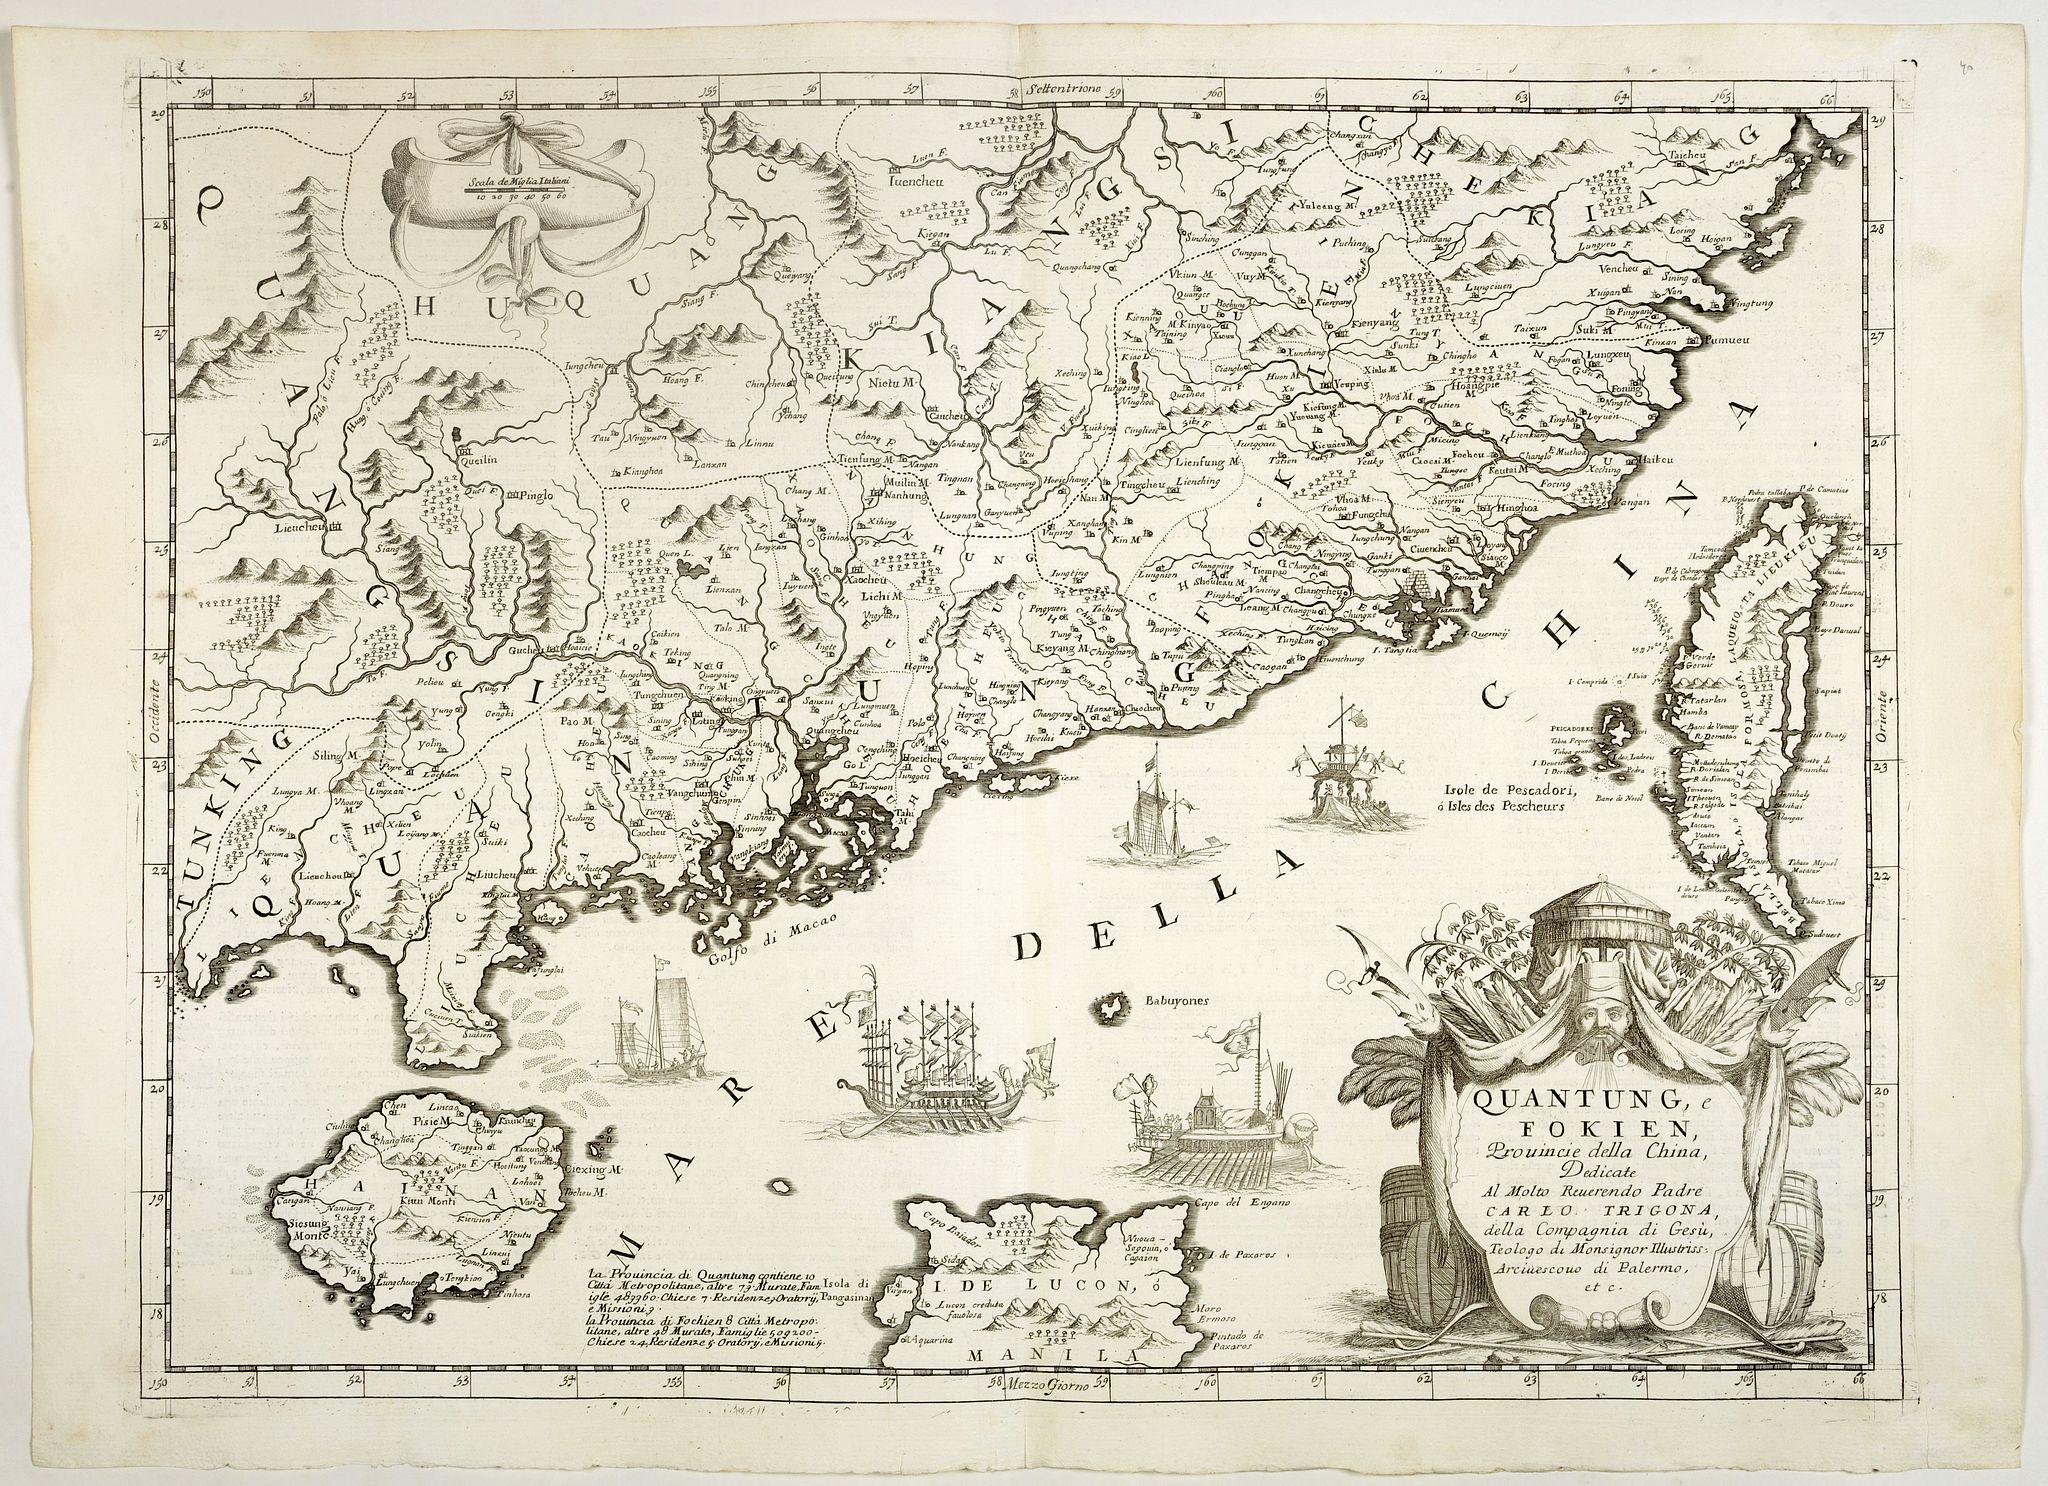 CORONELLI, V.M. -  Quantung, e Fokien, Provincie della China. . .